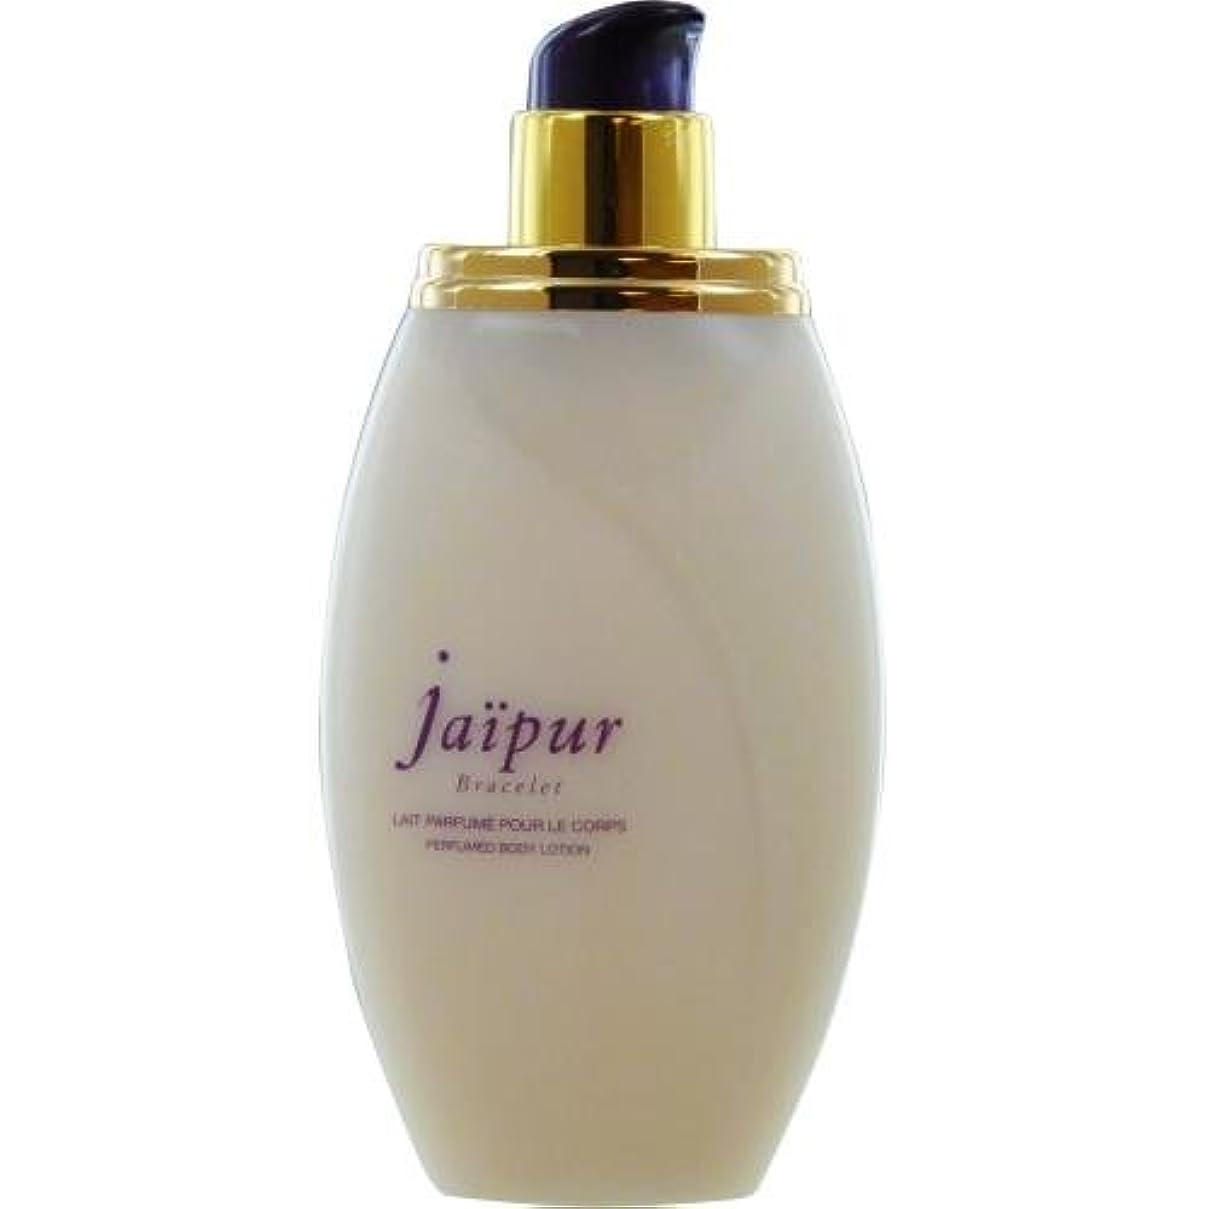 リベラル落ち着いた統合Jaipur Bracelet Perfumed Body Lotion